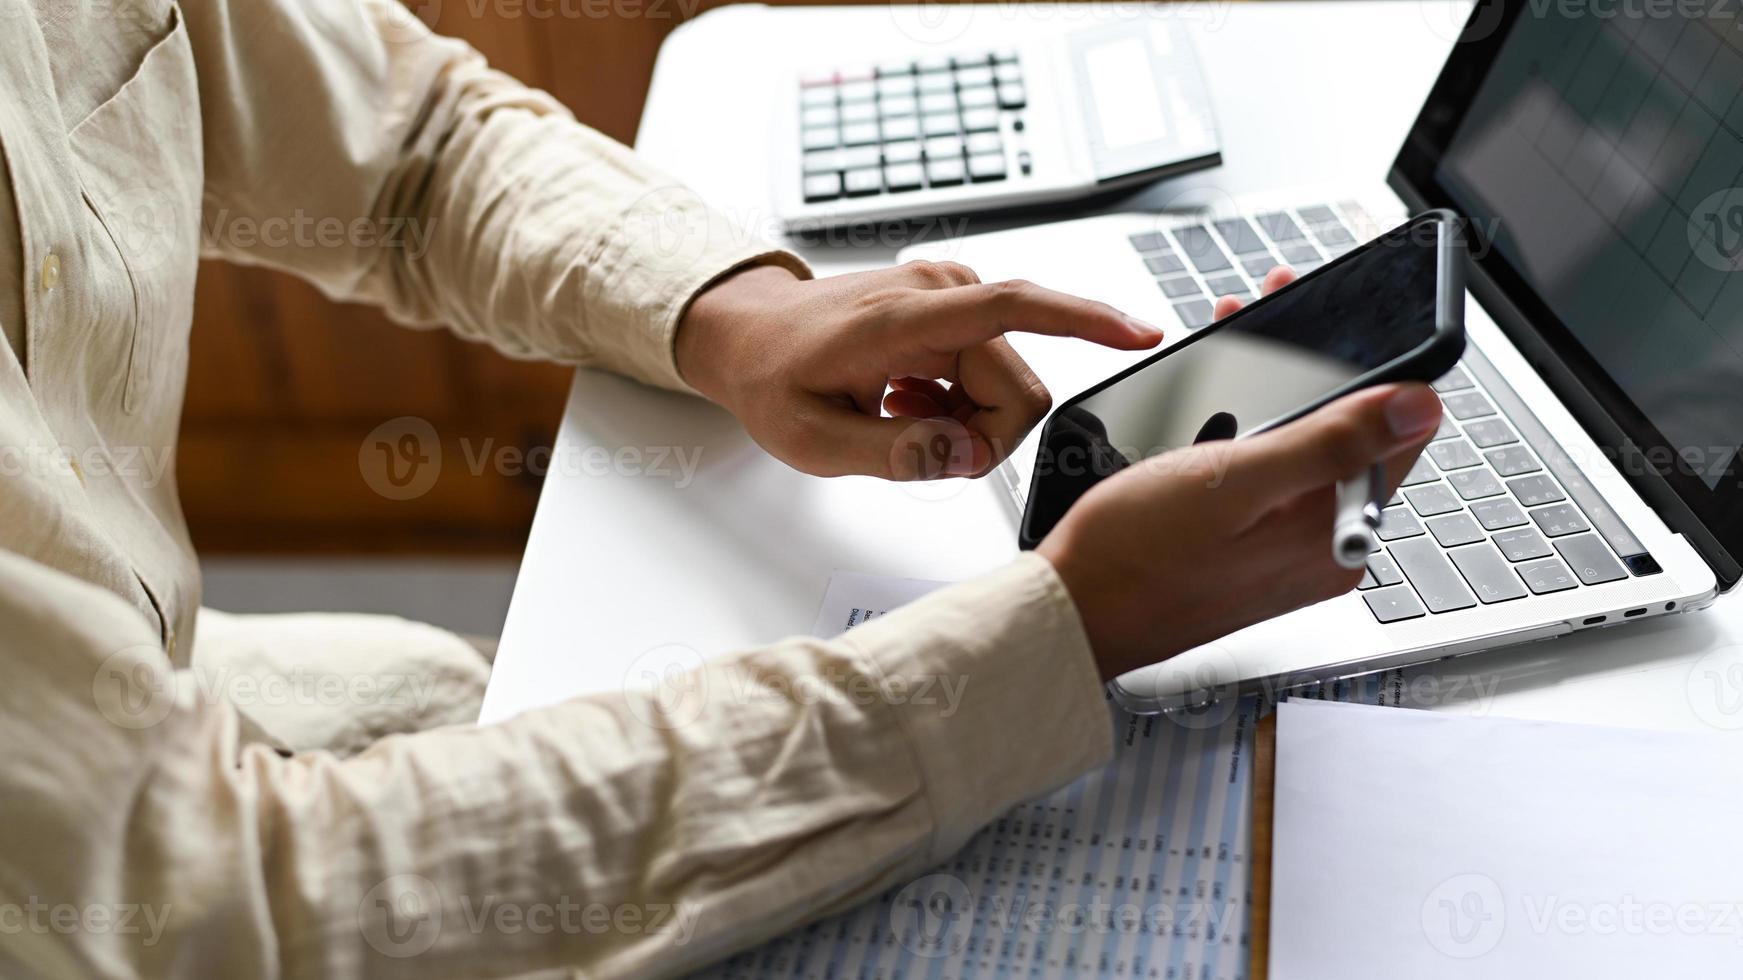 mão opera um smartphone com um laptop e gráficos. foto